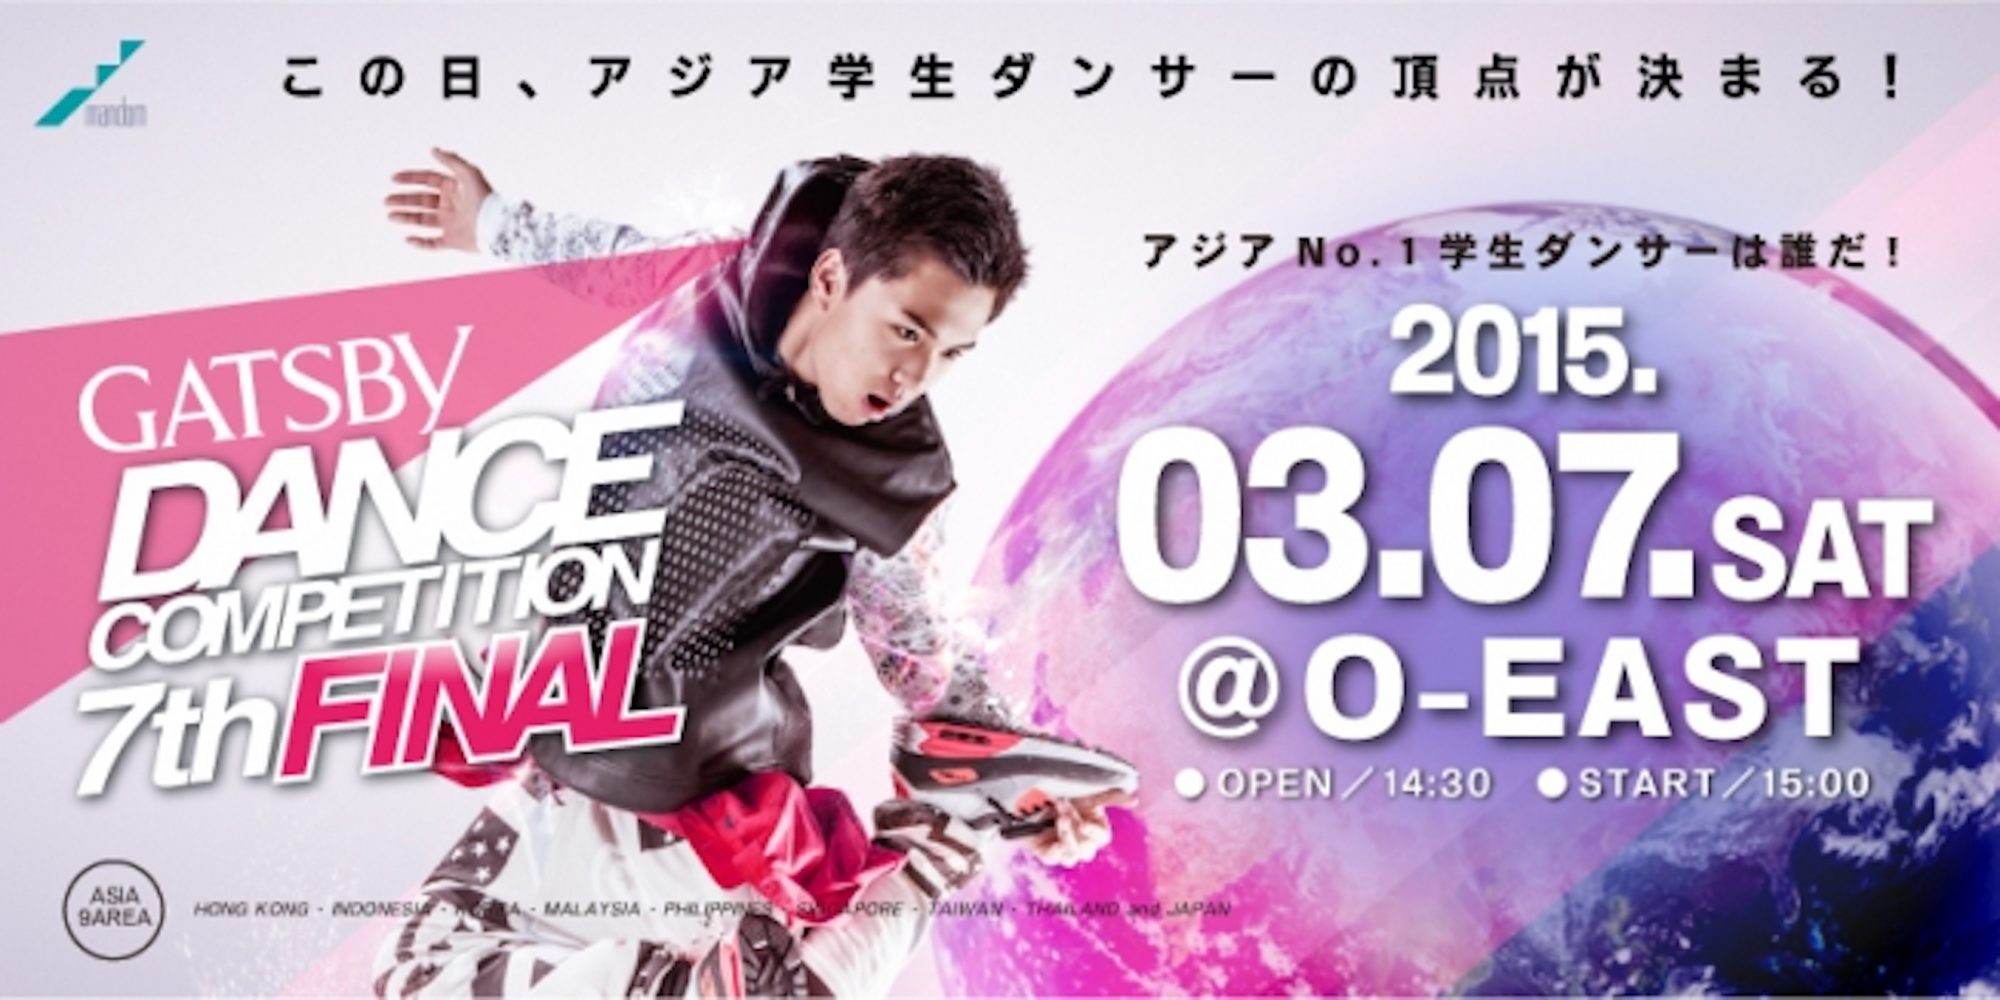 髪型が勝負の決め手?アジアで1番オシャレな学生ダンサーが決まる!「GATSBY DANCE COMPETITION 7th」ASIA GRAND FINAL開催!